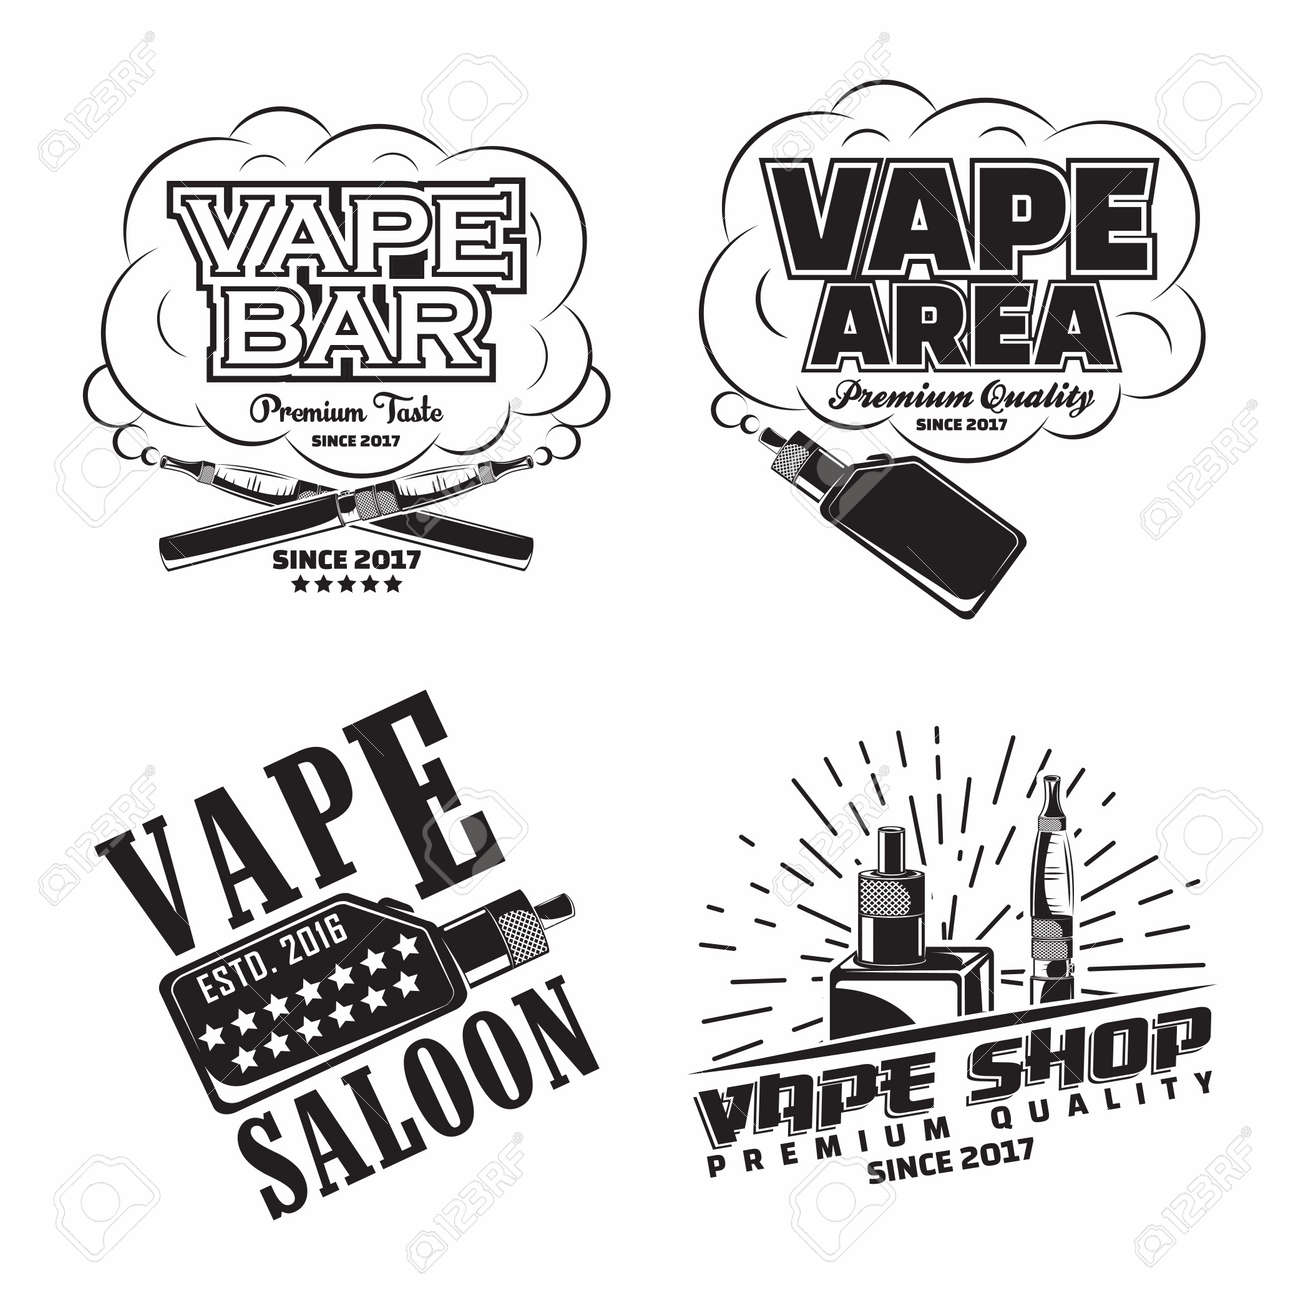 Set of vintage vape lounge emblems designs - 156729137